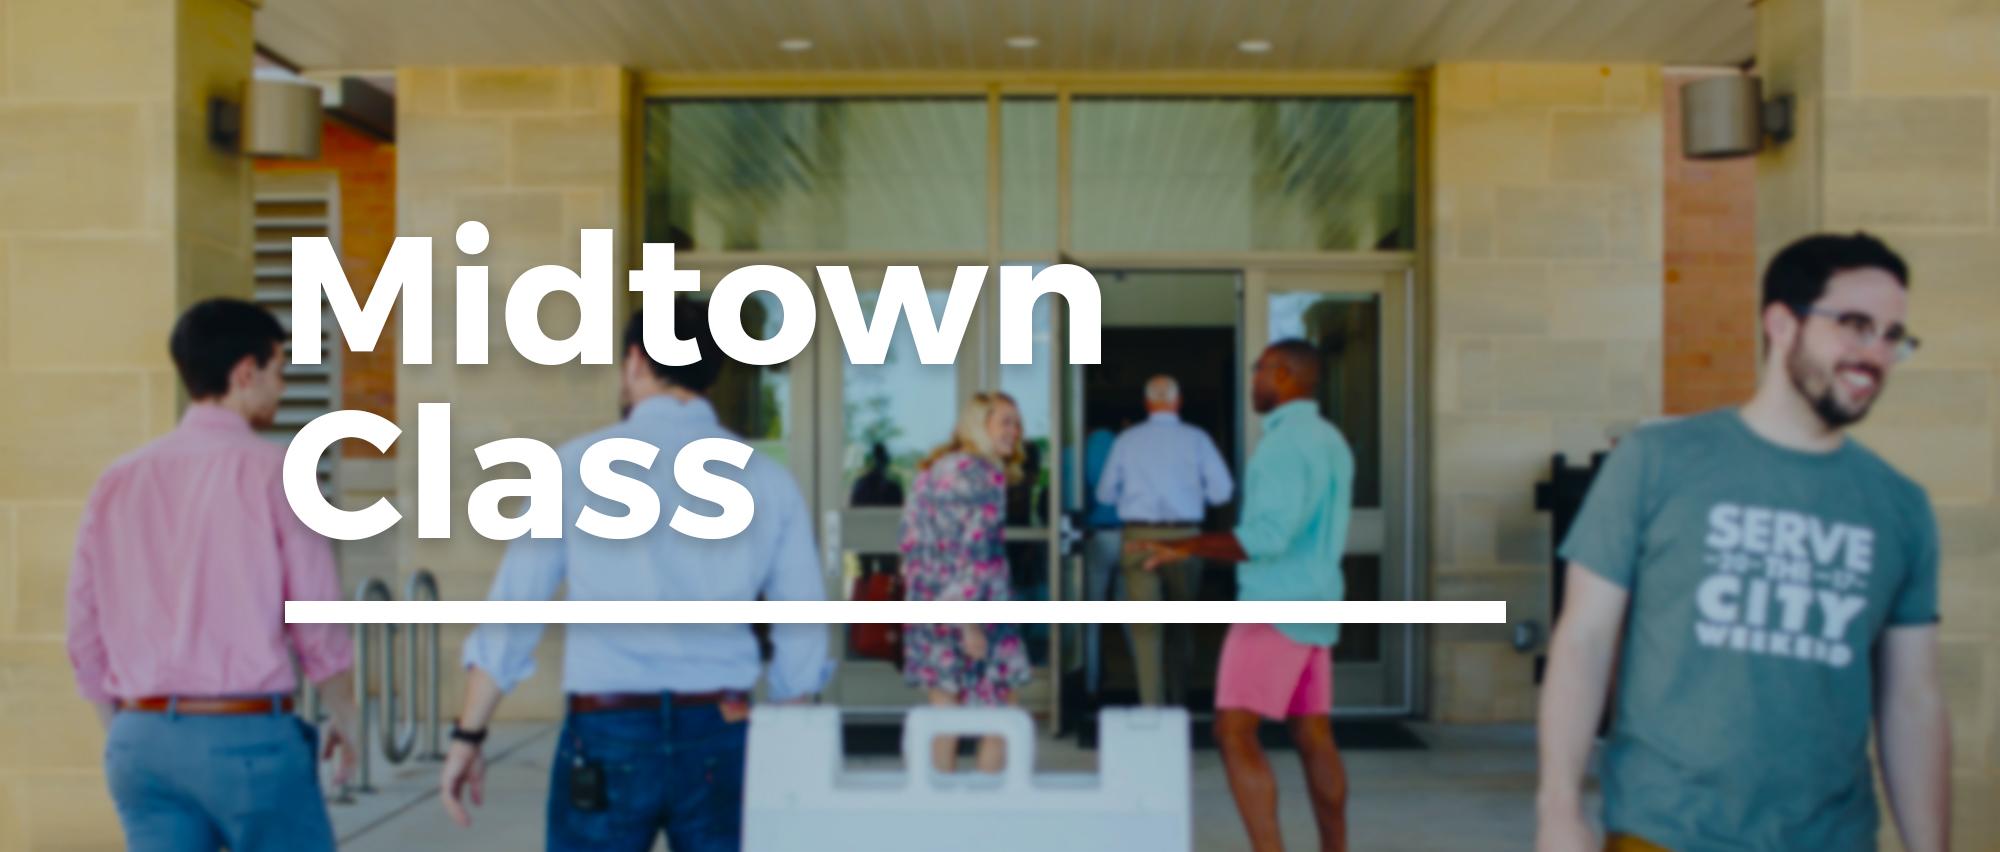 Midtown Class.jpg